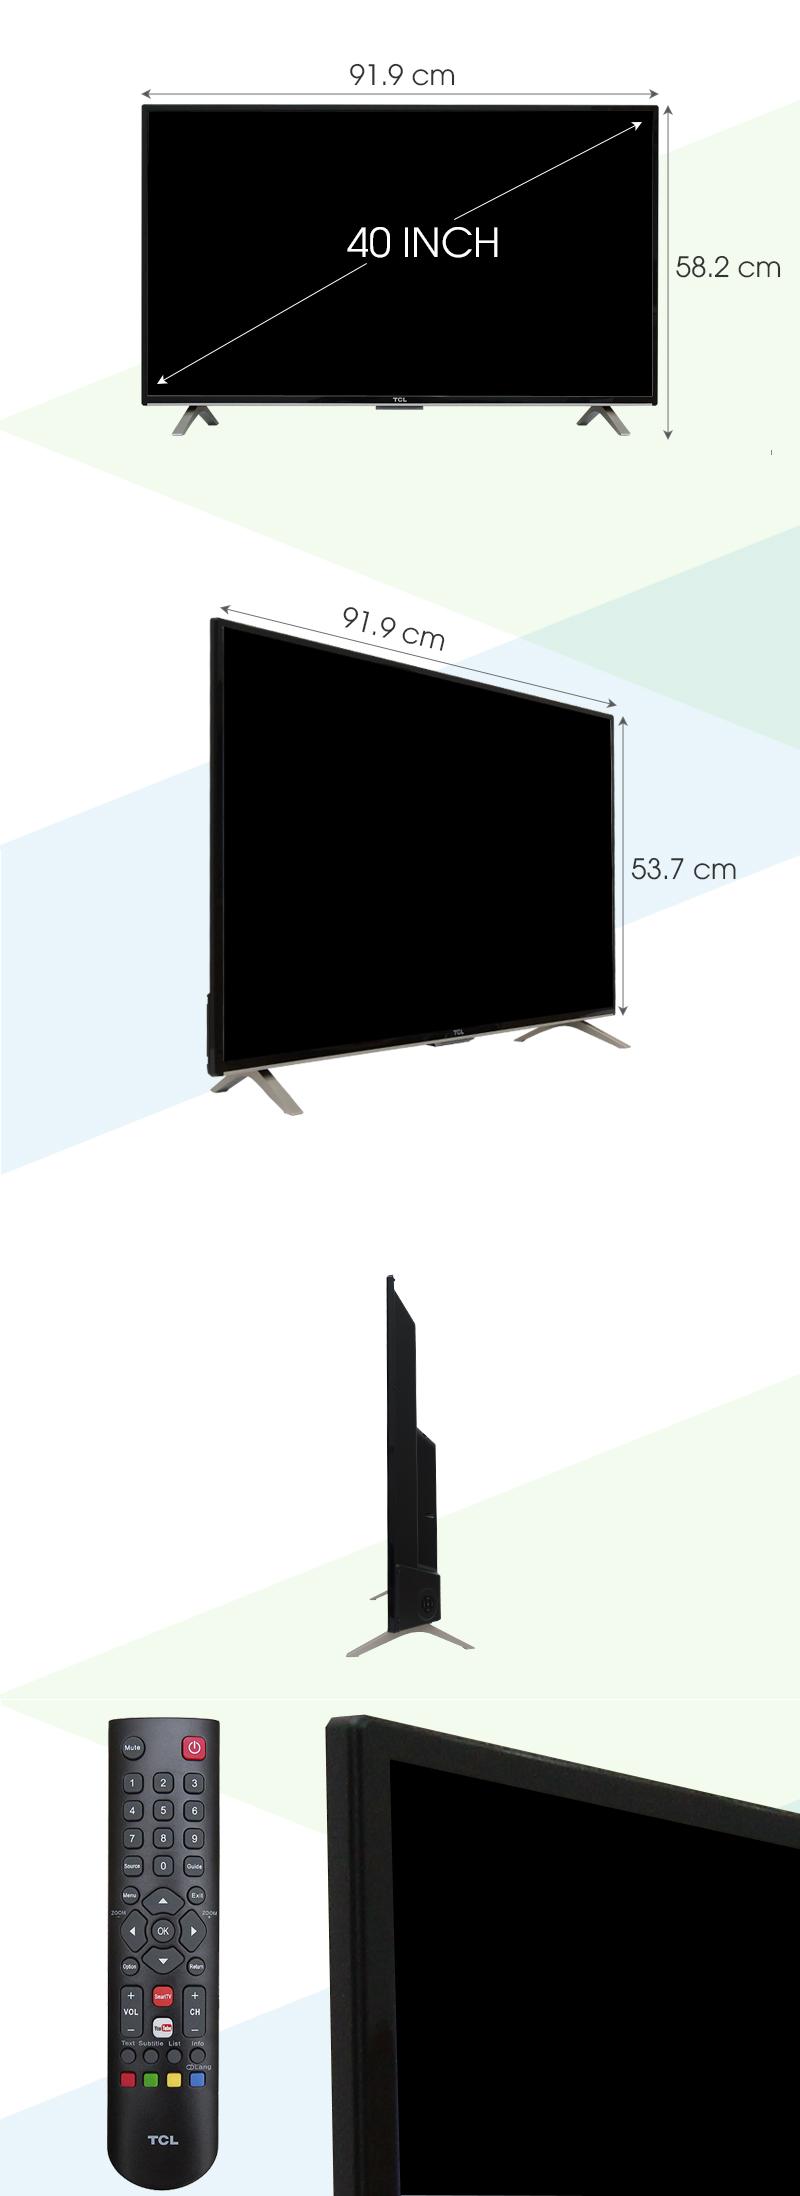 Internet Tivi TCL 40 inch L40D2790 - Kích thước tivi